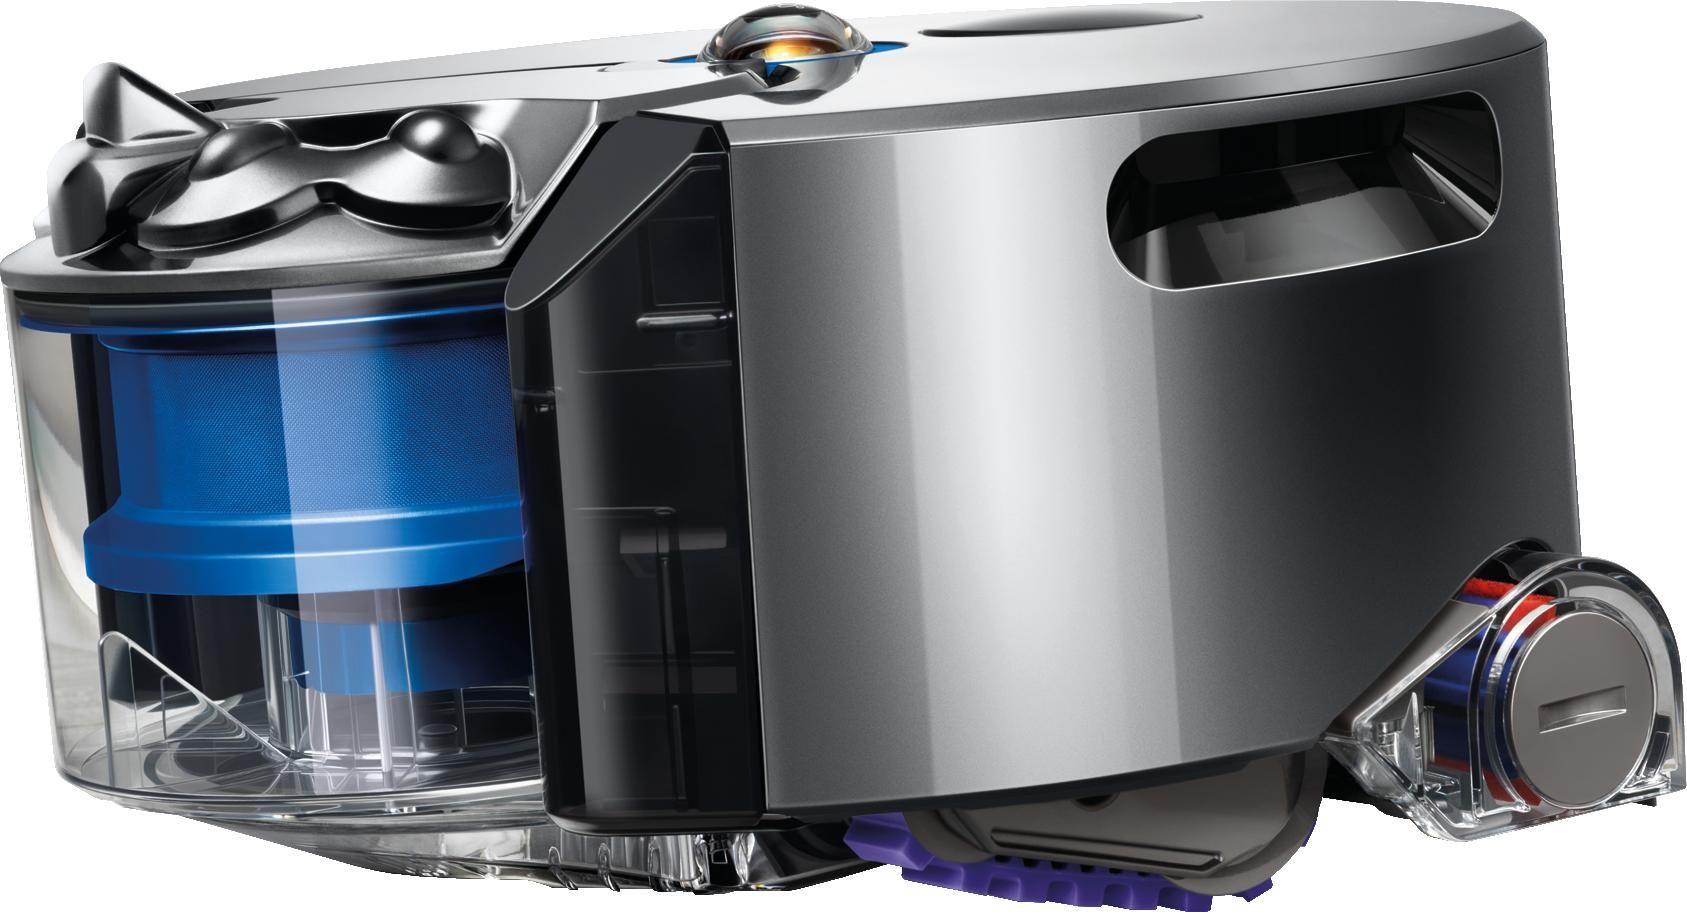 Dyson 360 Eye Vs Neato Xv 21 Vs Irobot Roomba 790 Aspirateur Robotique Robot